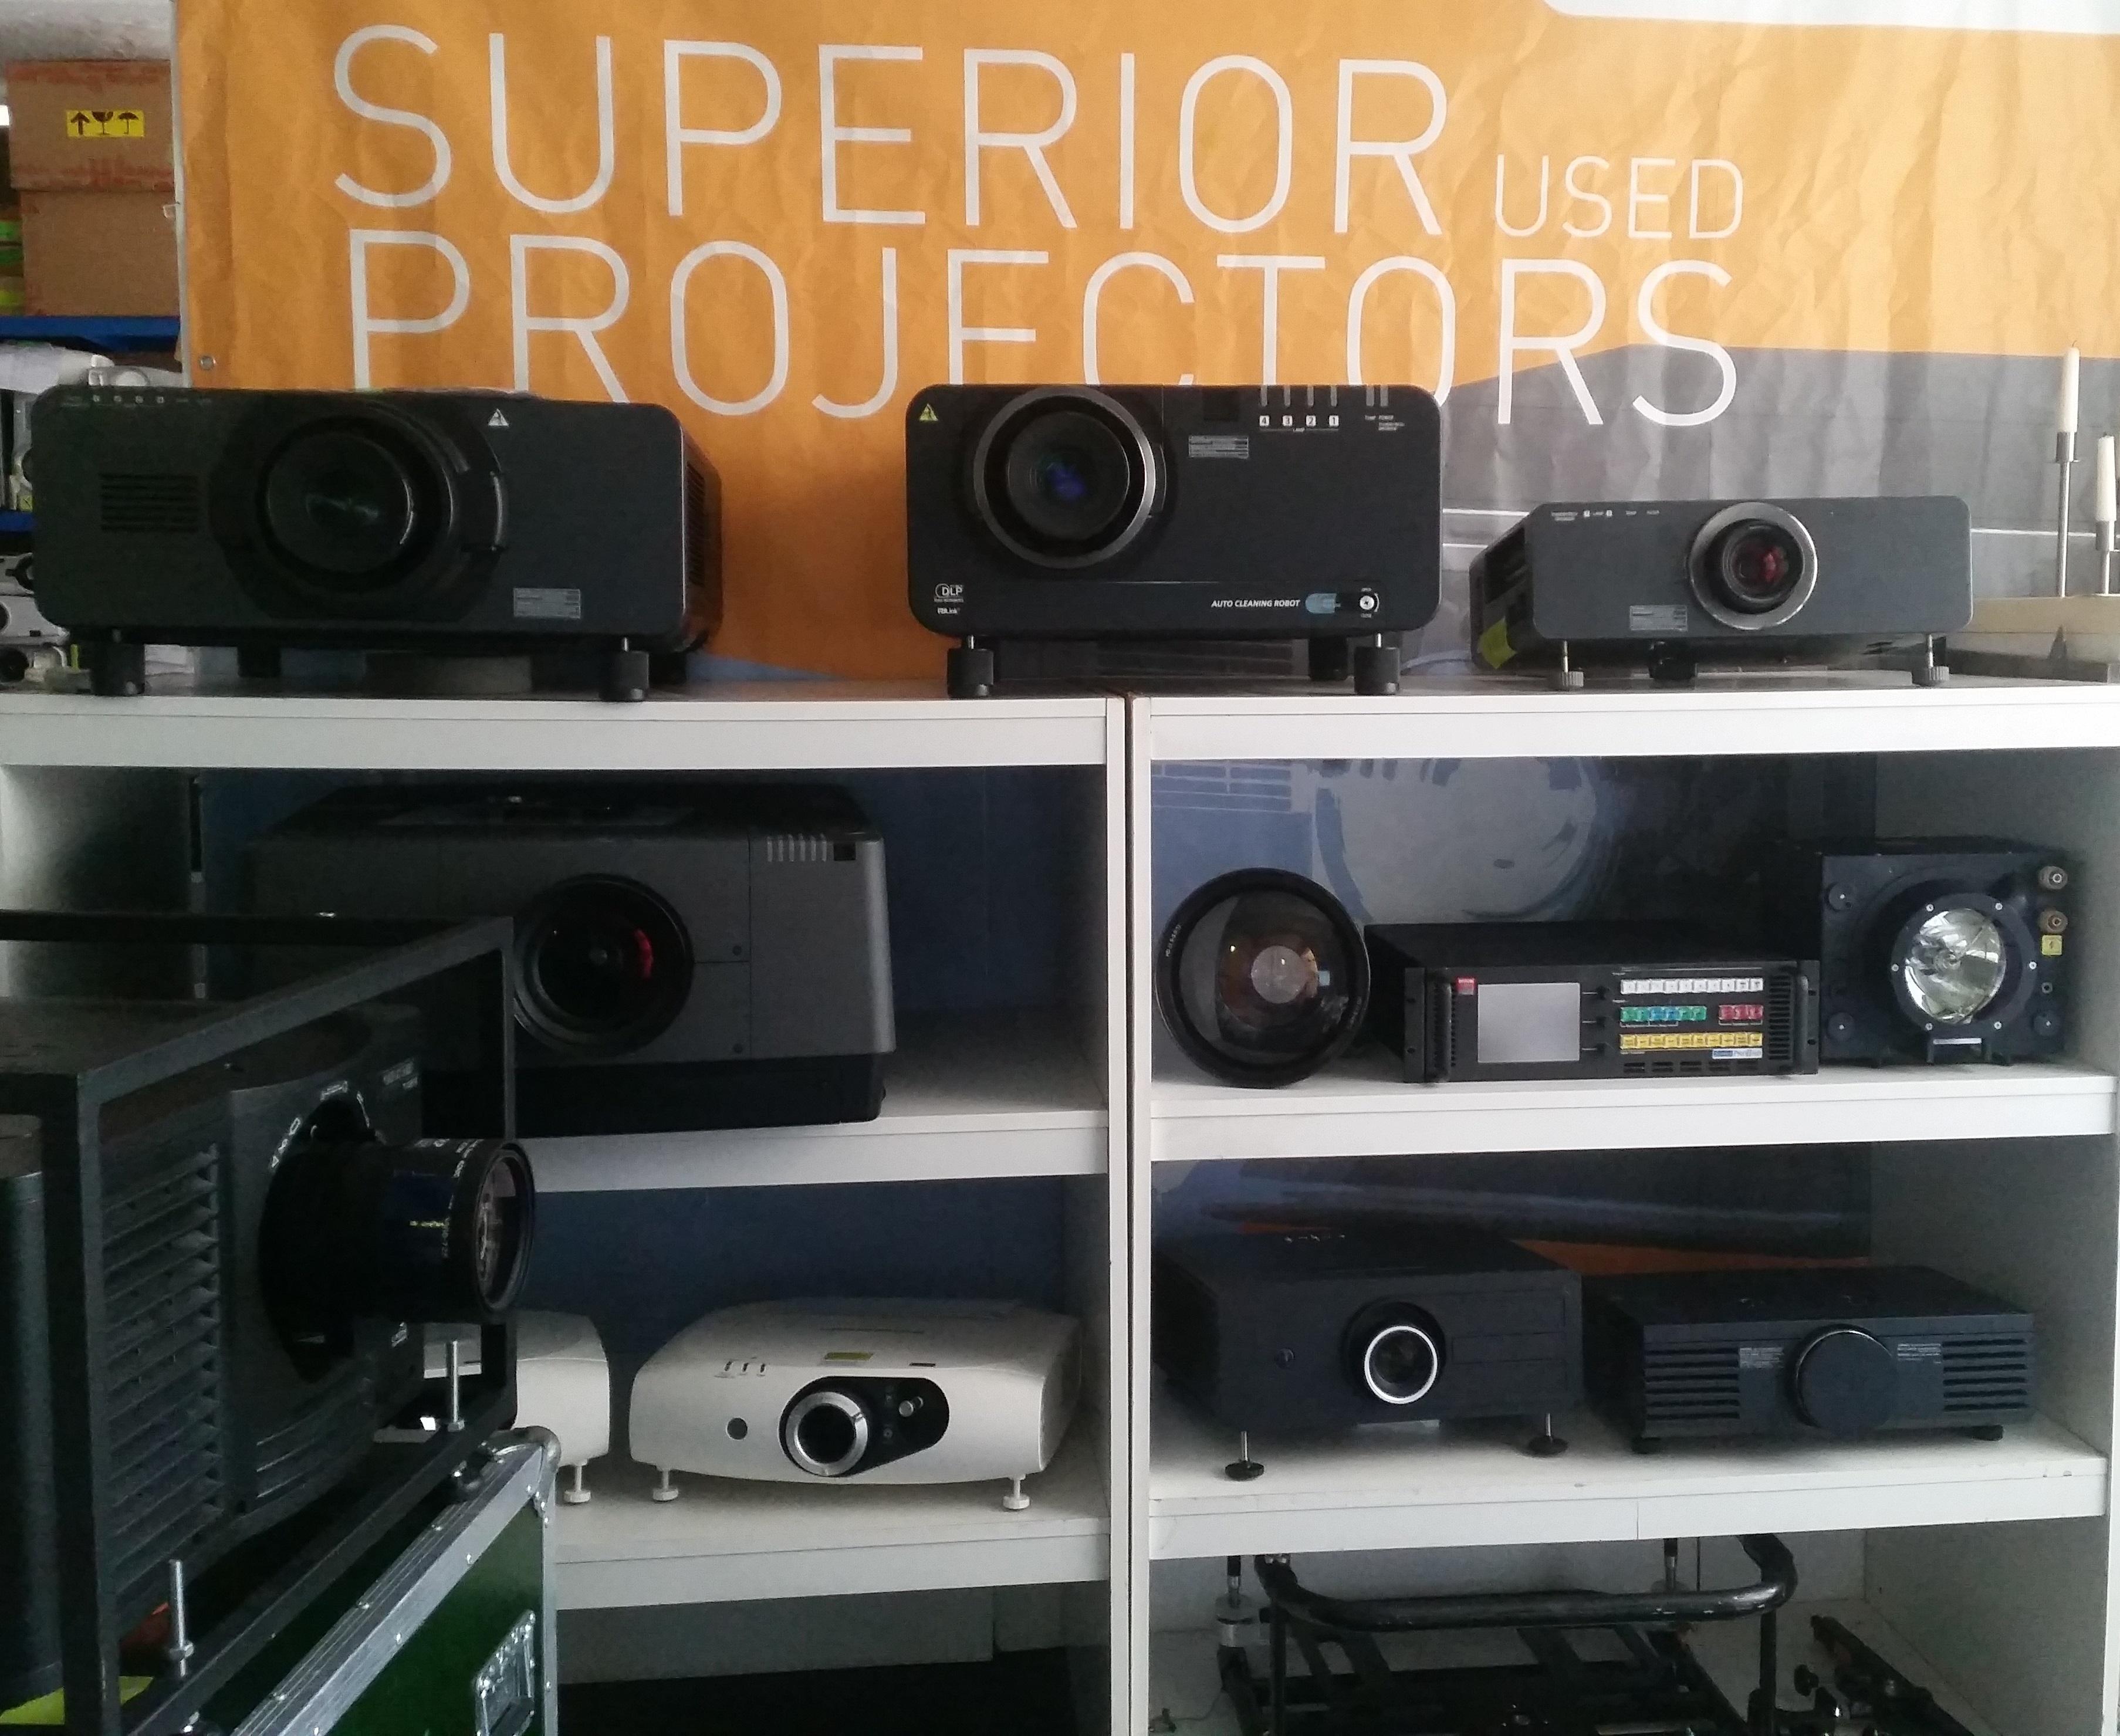 Refurbished Projektoren/ Projektoren in der Müllkippe?